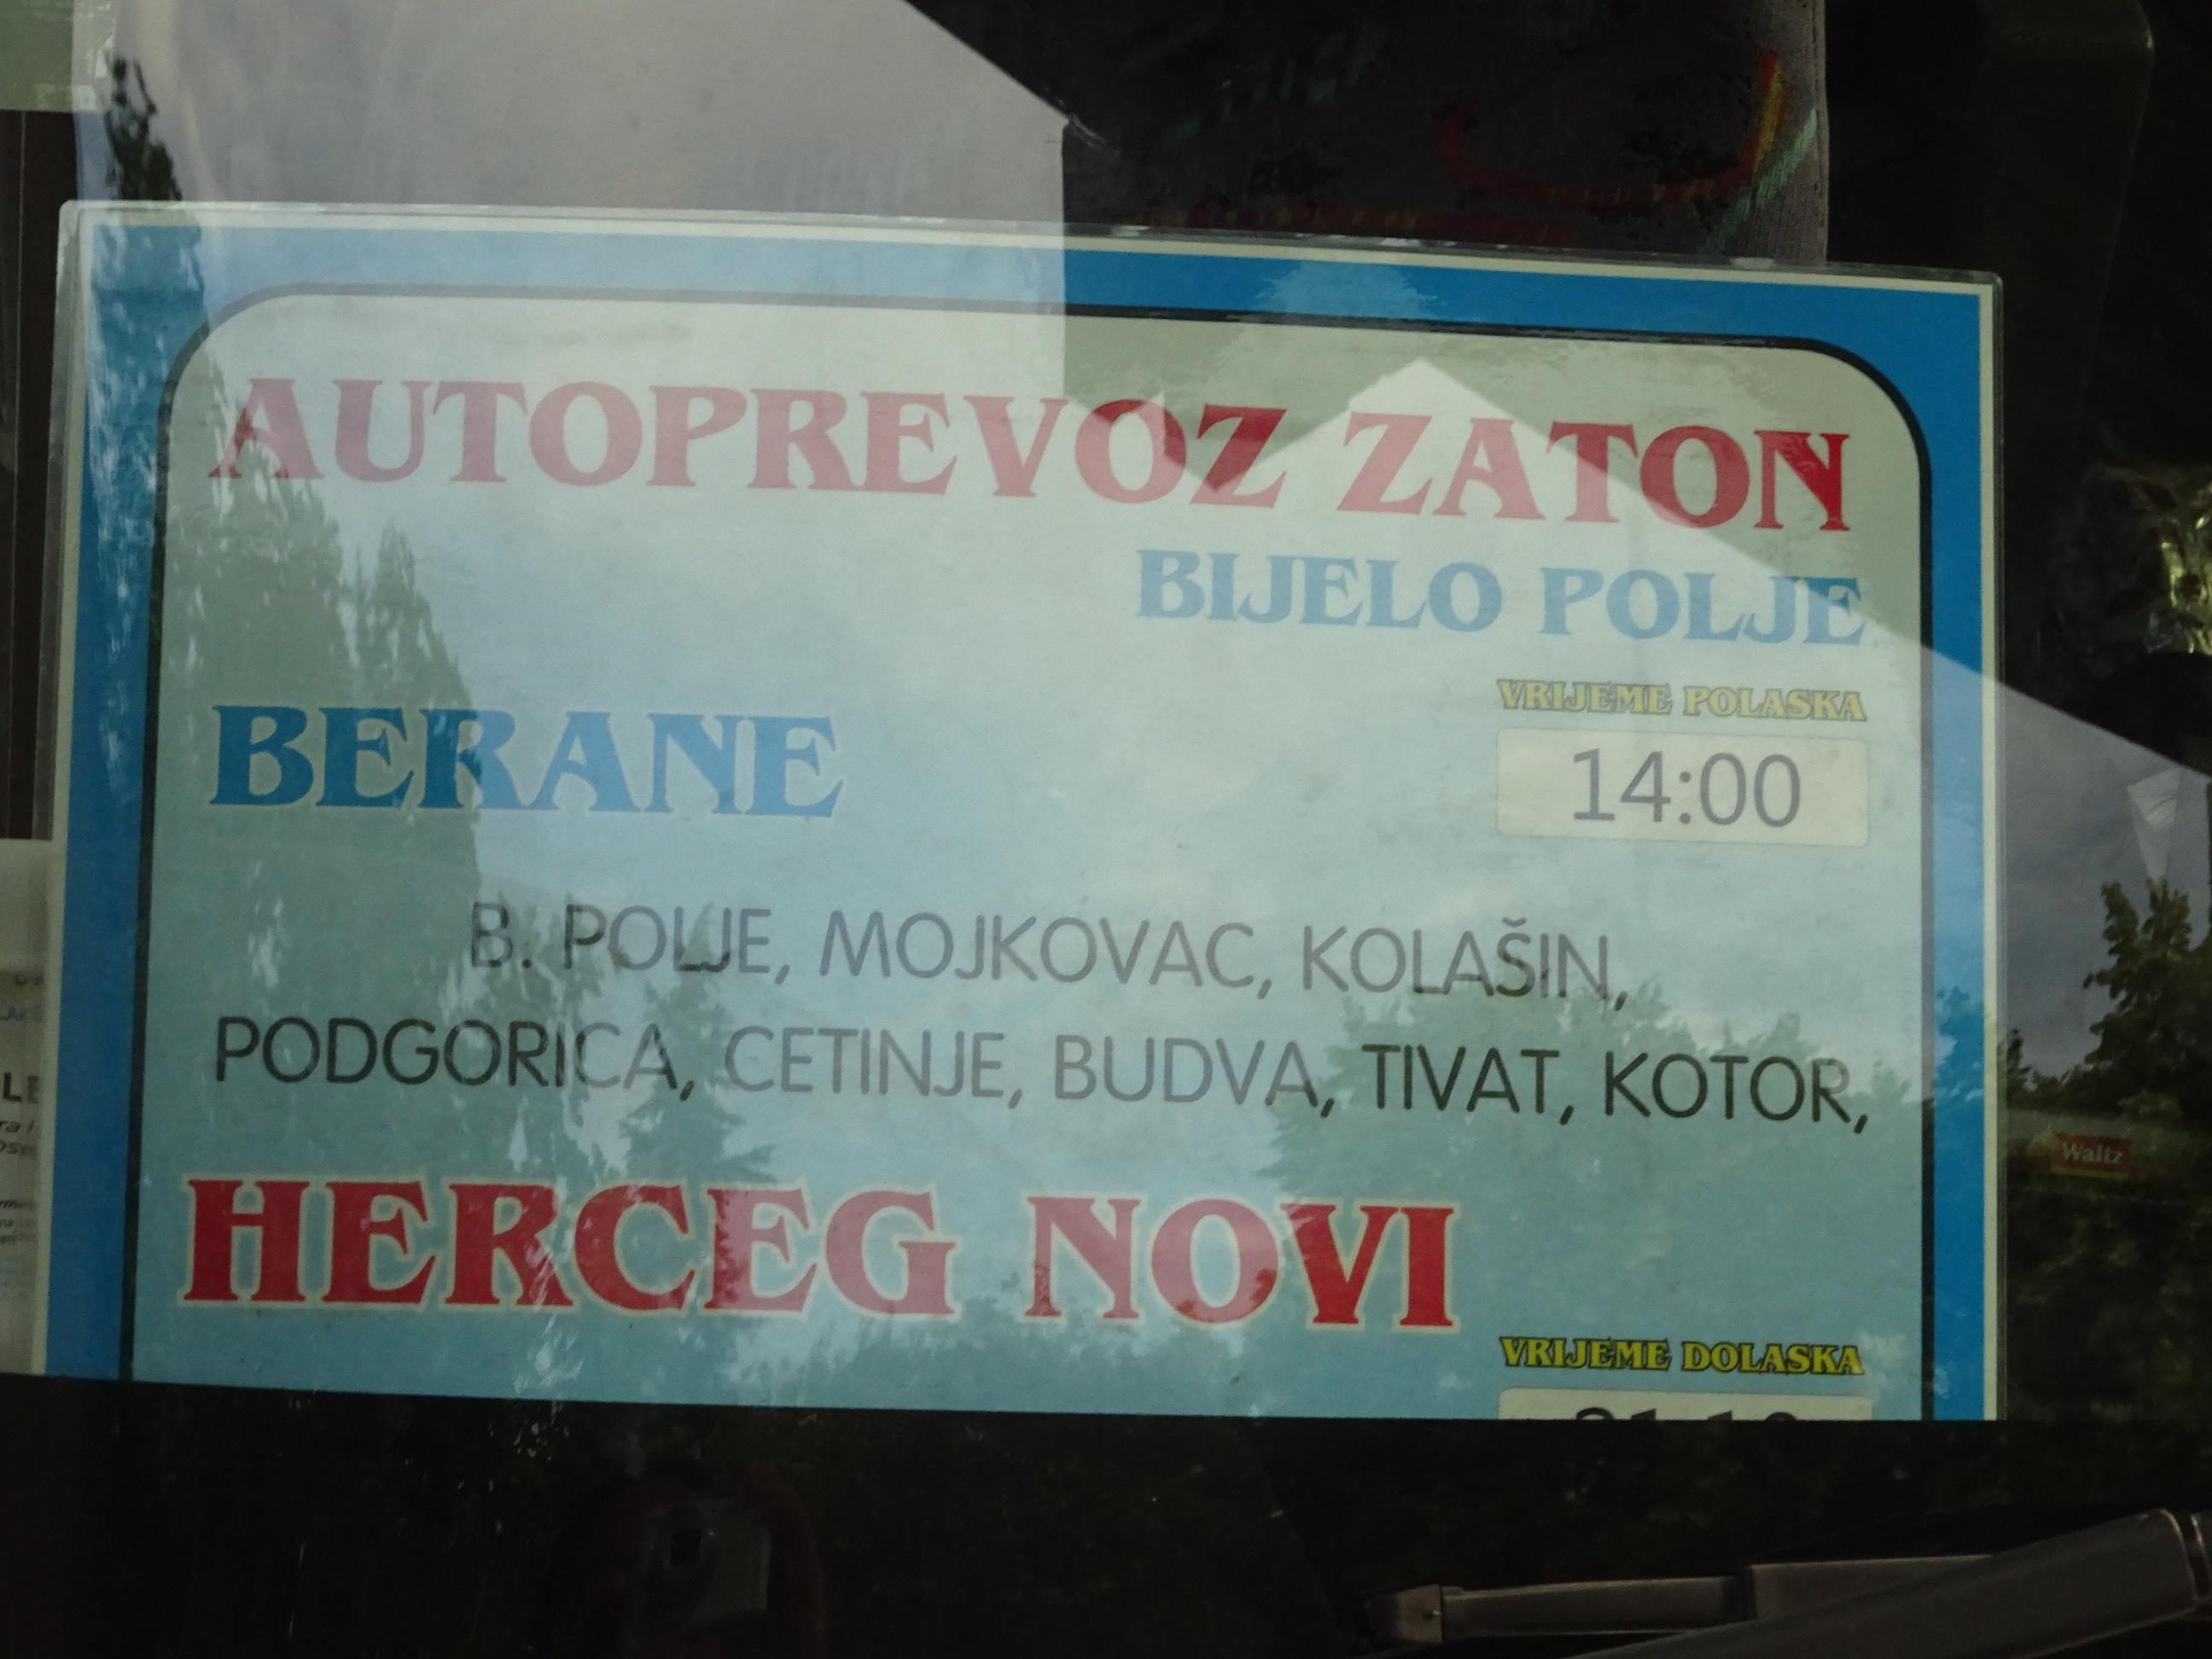 「ポドゴリツァからコトルまで行くバス」はブドヴァにも行ける☆